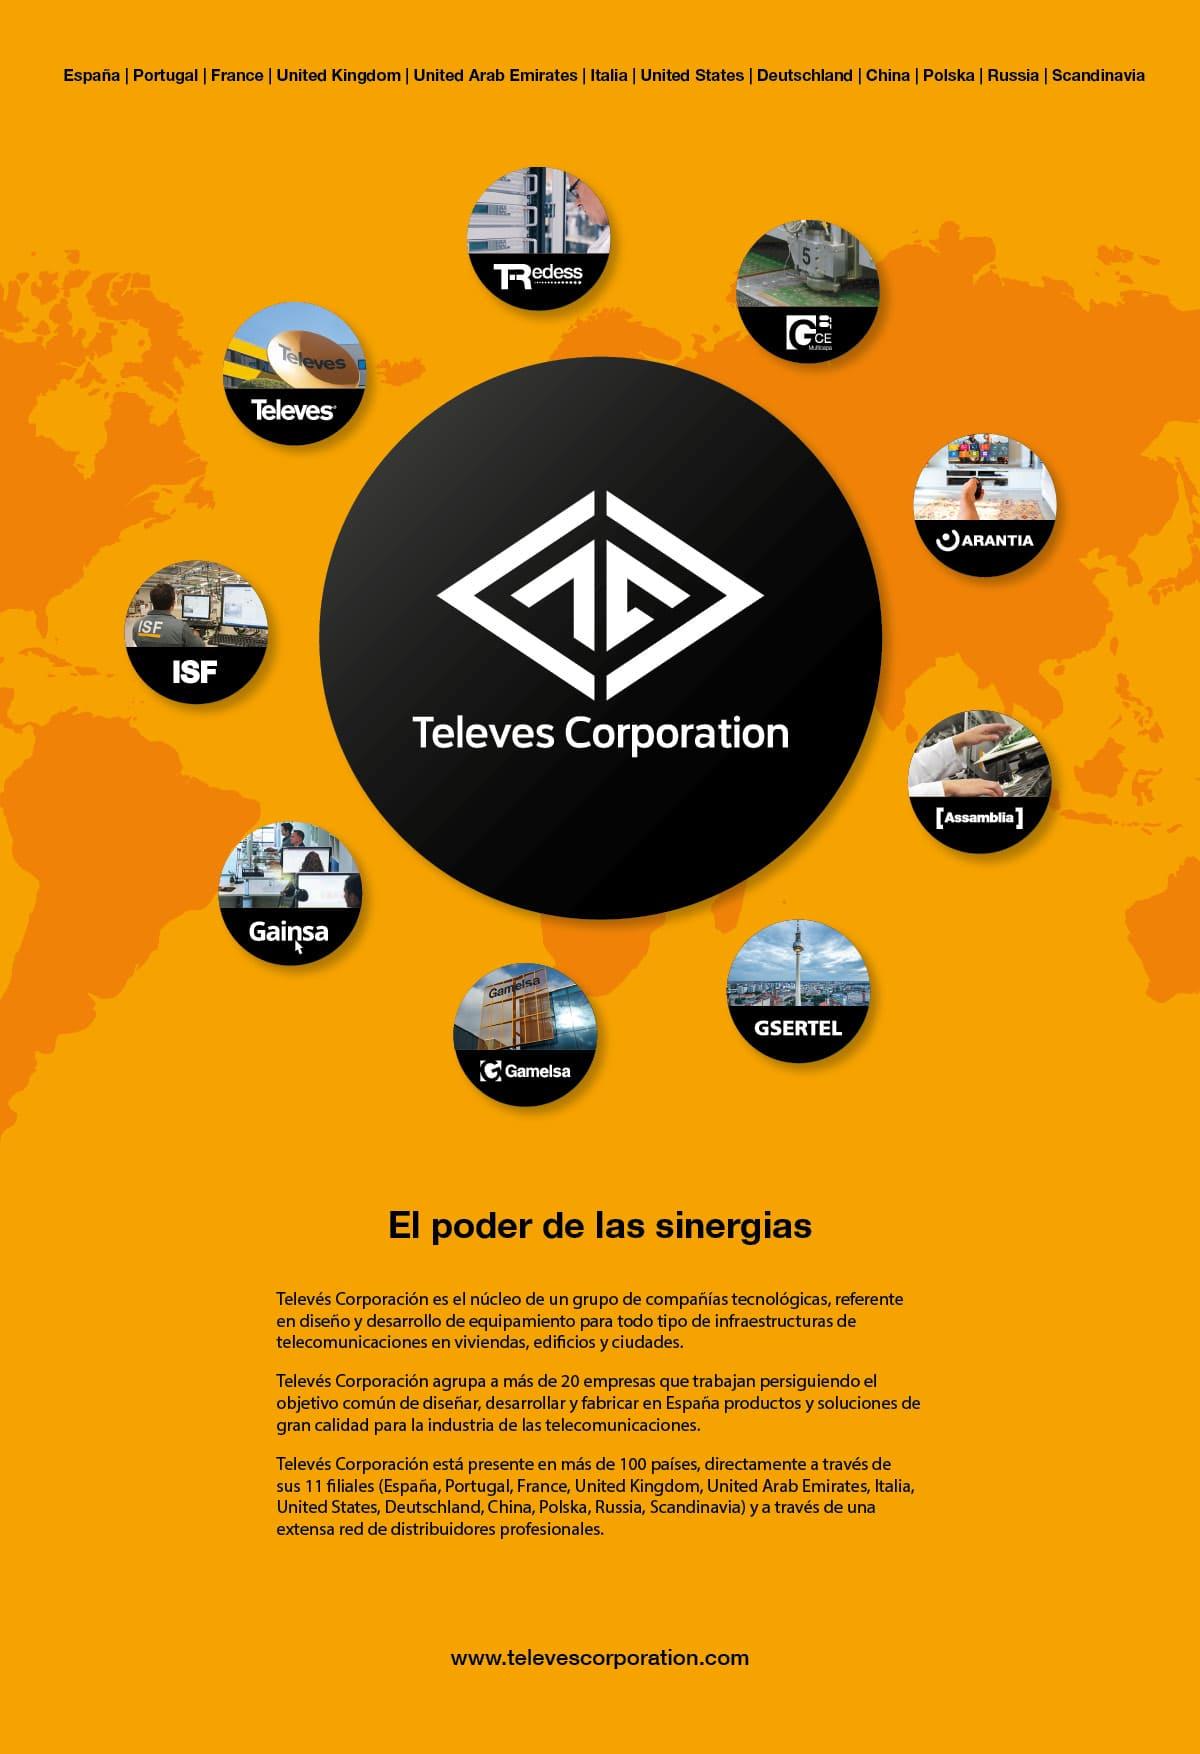 TELEVES CORPORATION El poder de las sinergias